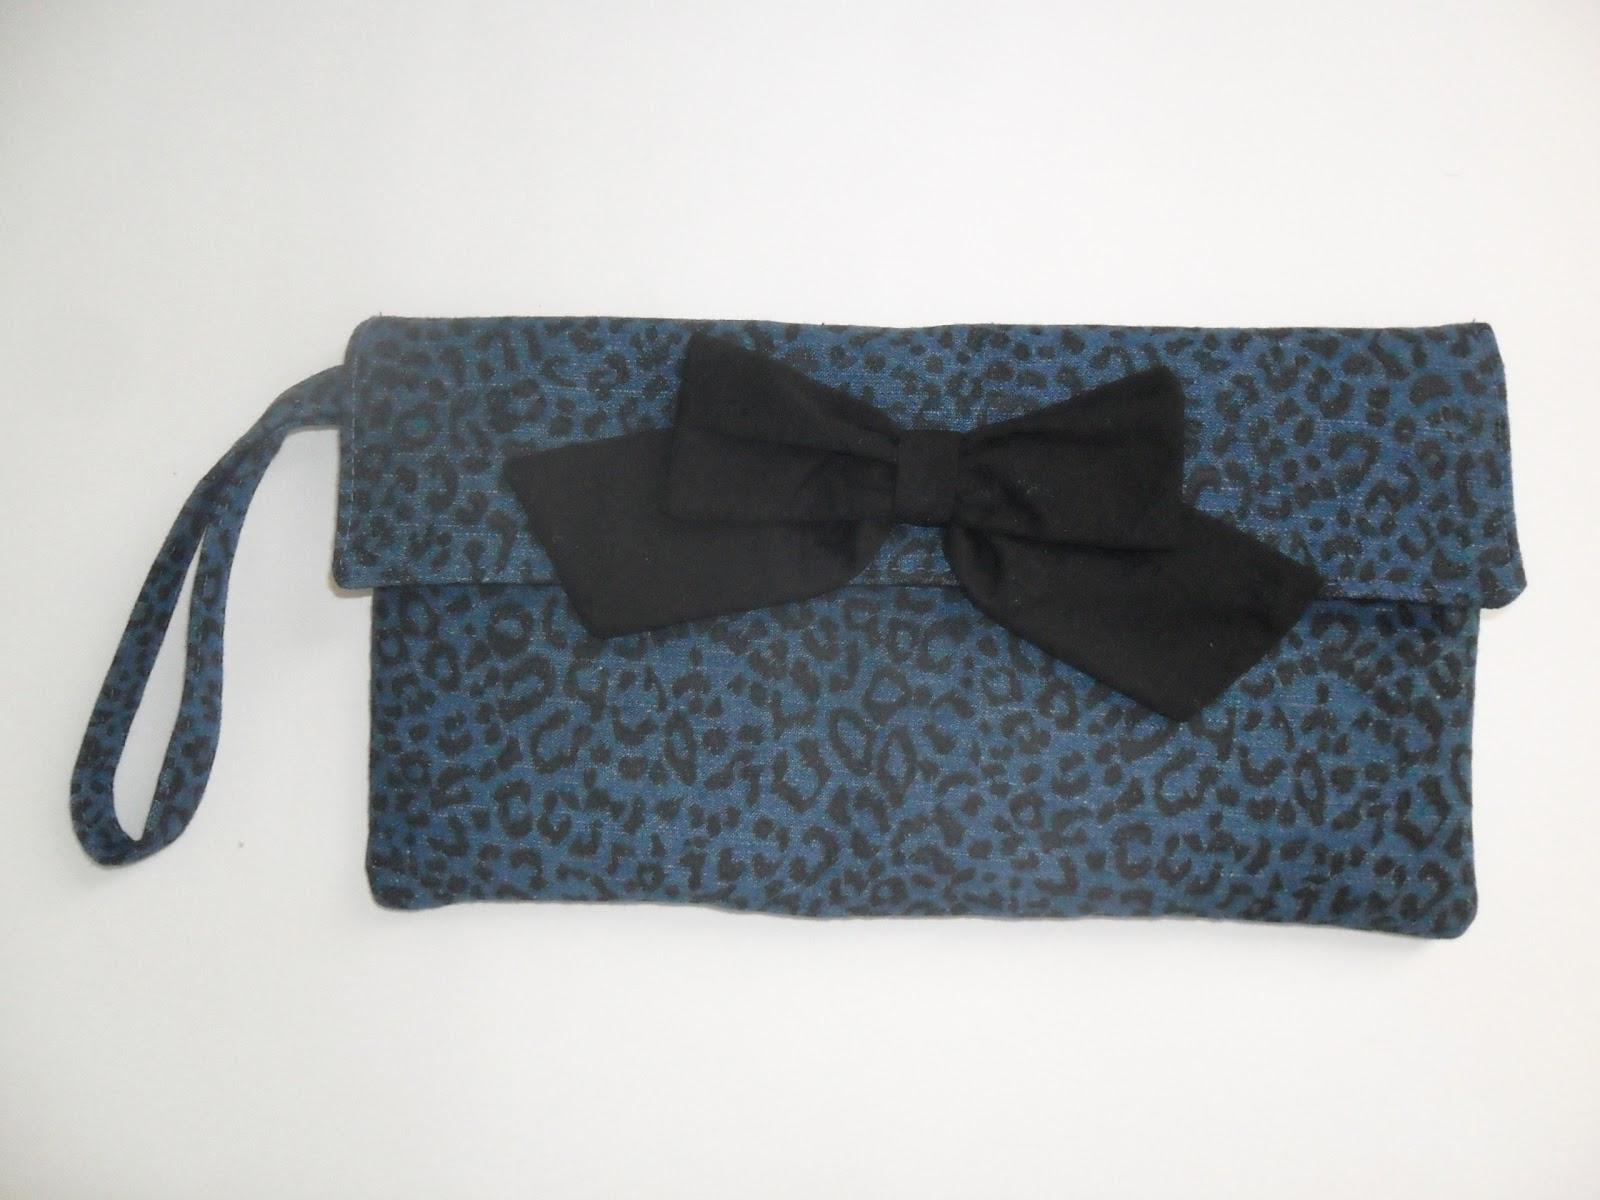 Bolsa De Mão Artesanal Passo A Passo : Artesanato candido artes bolsa de m?o carteira jeans